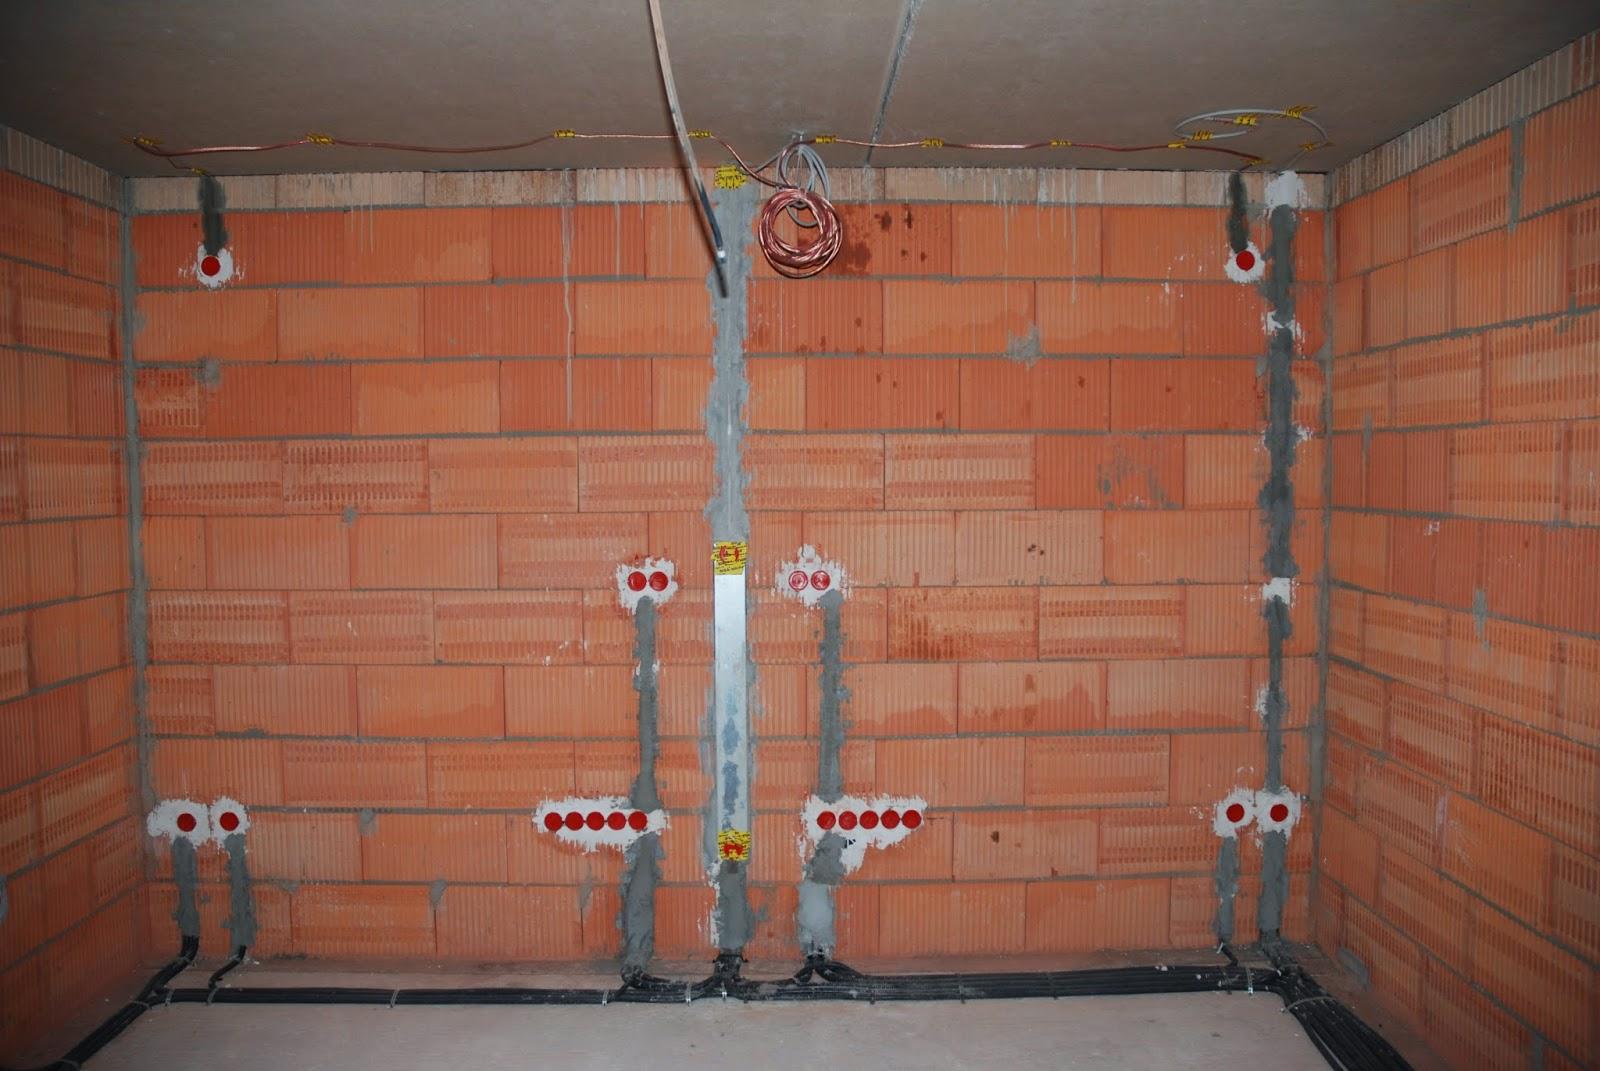 kabel unter putz verlegen puppenhaus bauanleitung zum selber bauen heimwerker forum. Black Bedroom Furniture Sets. Home Design Ideas